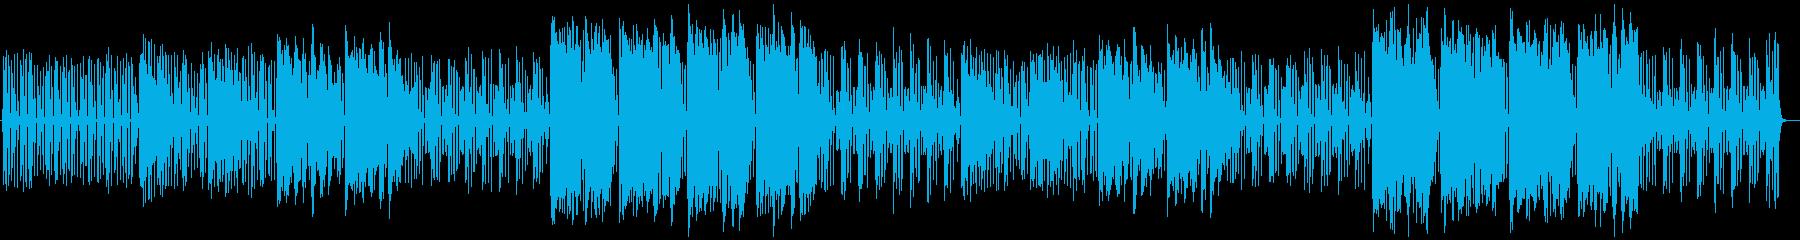 ハロウィン・不気味・怖い・ゴシックの再生済みの波形